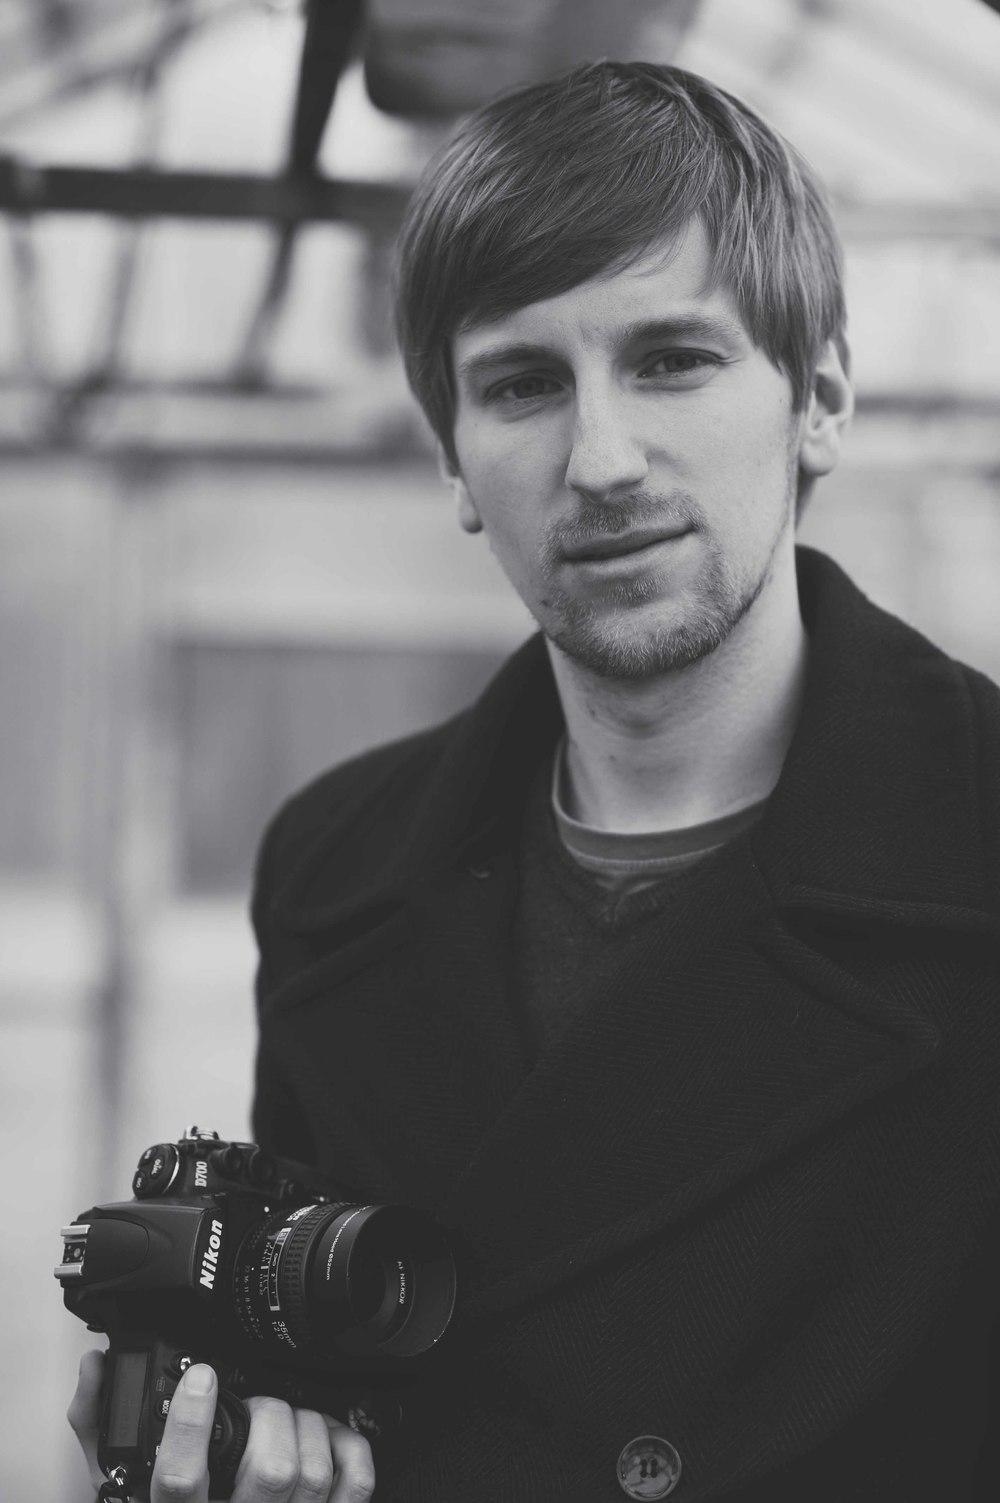 Fotografiert von Paul Glaser.